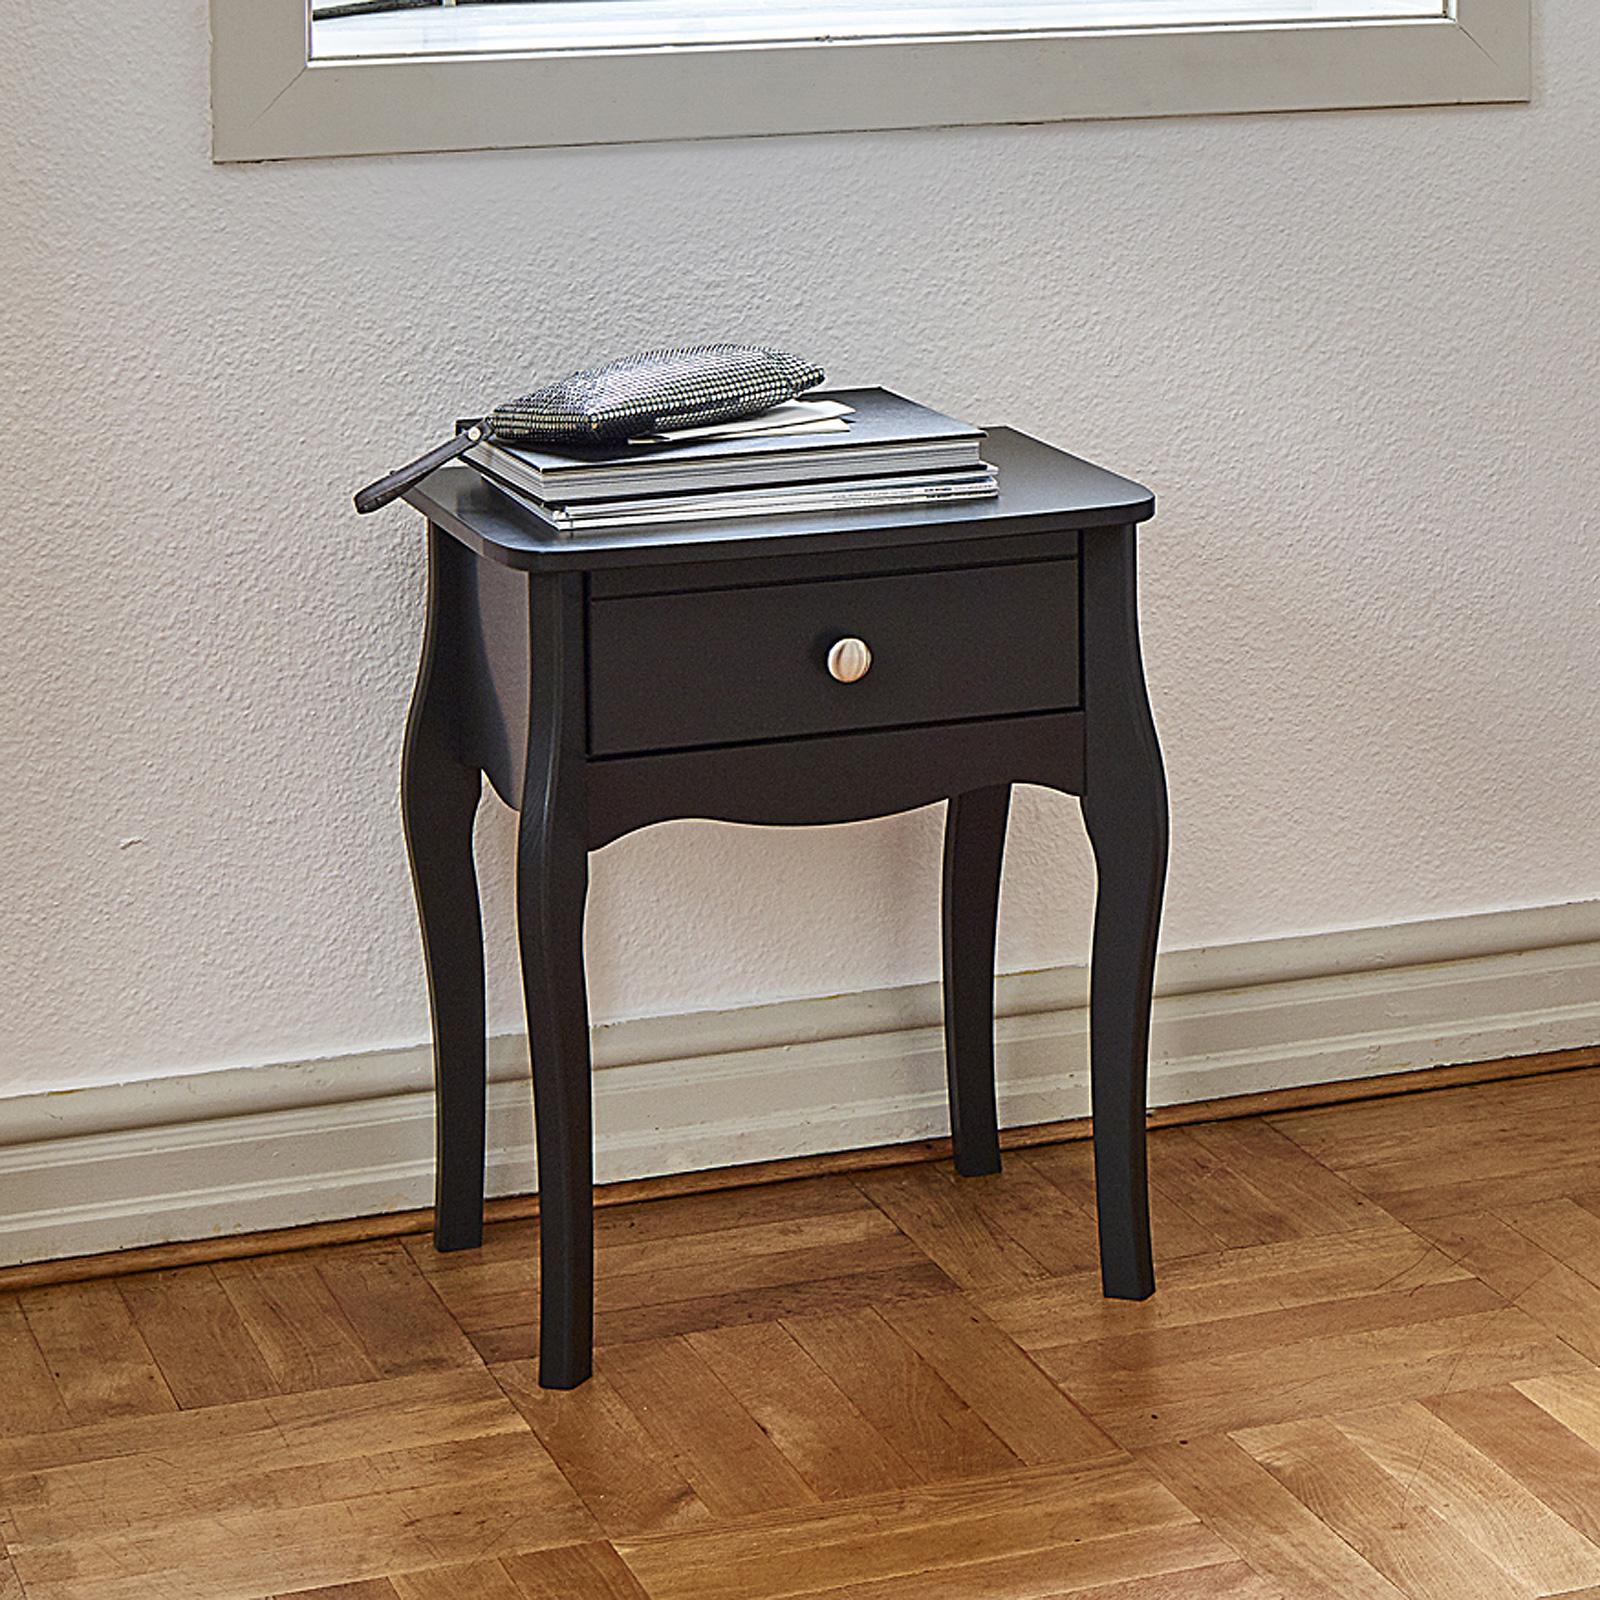 nachttisch fr braun top eglooh u free u nachttisch beschichtet leder braun natur u cm x x h u. Black Bedroom Furniture Sets. Home Design Ideas